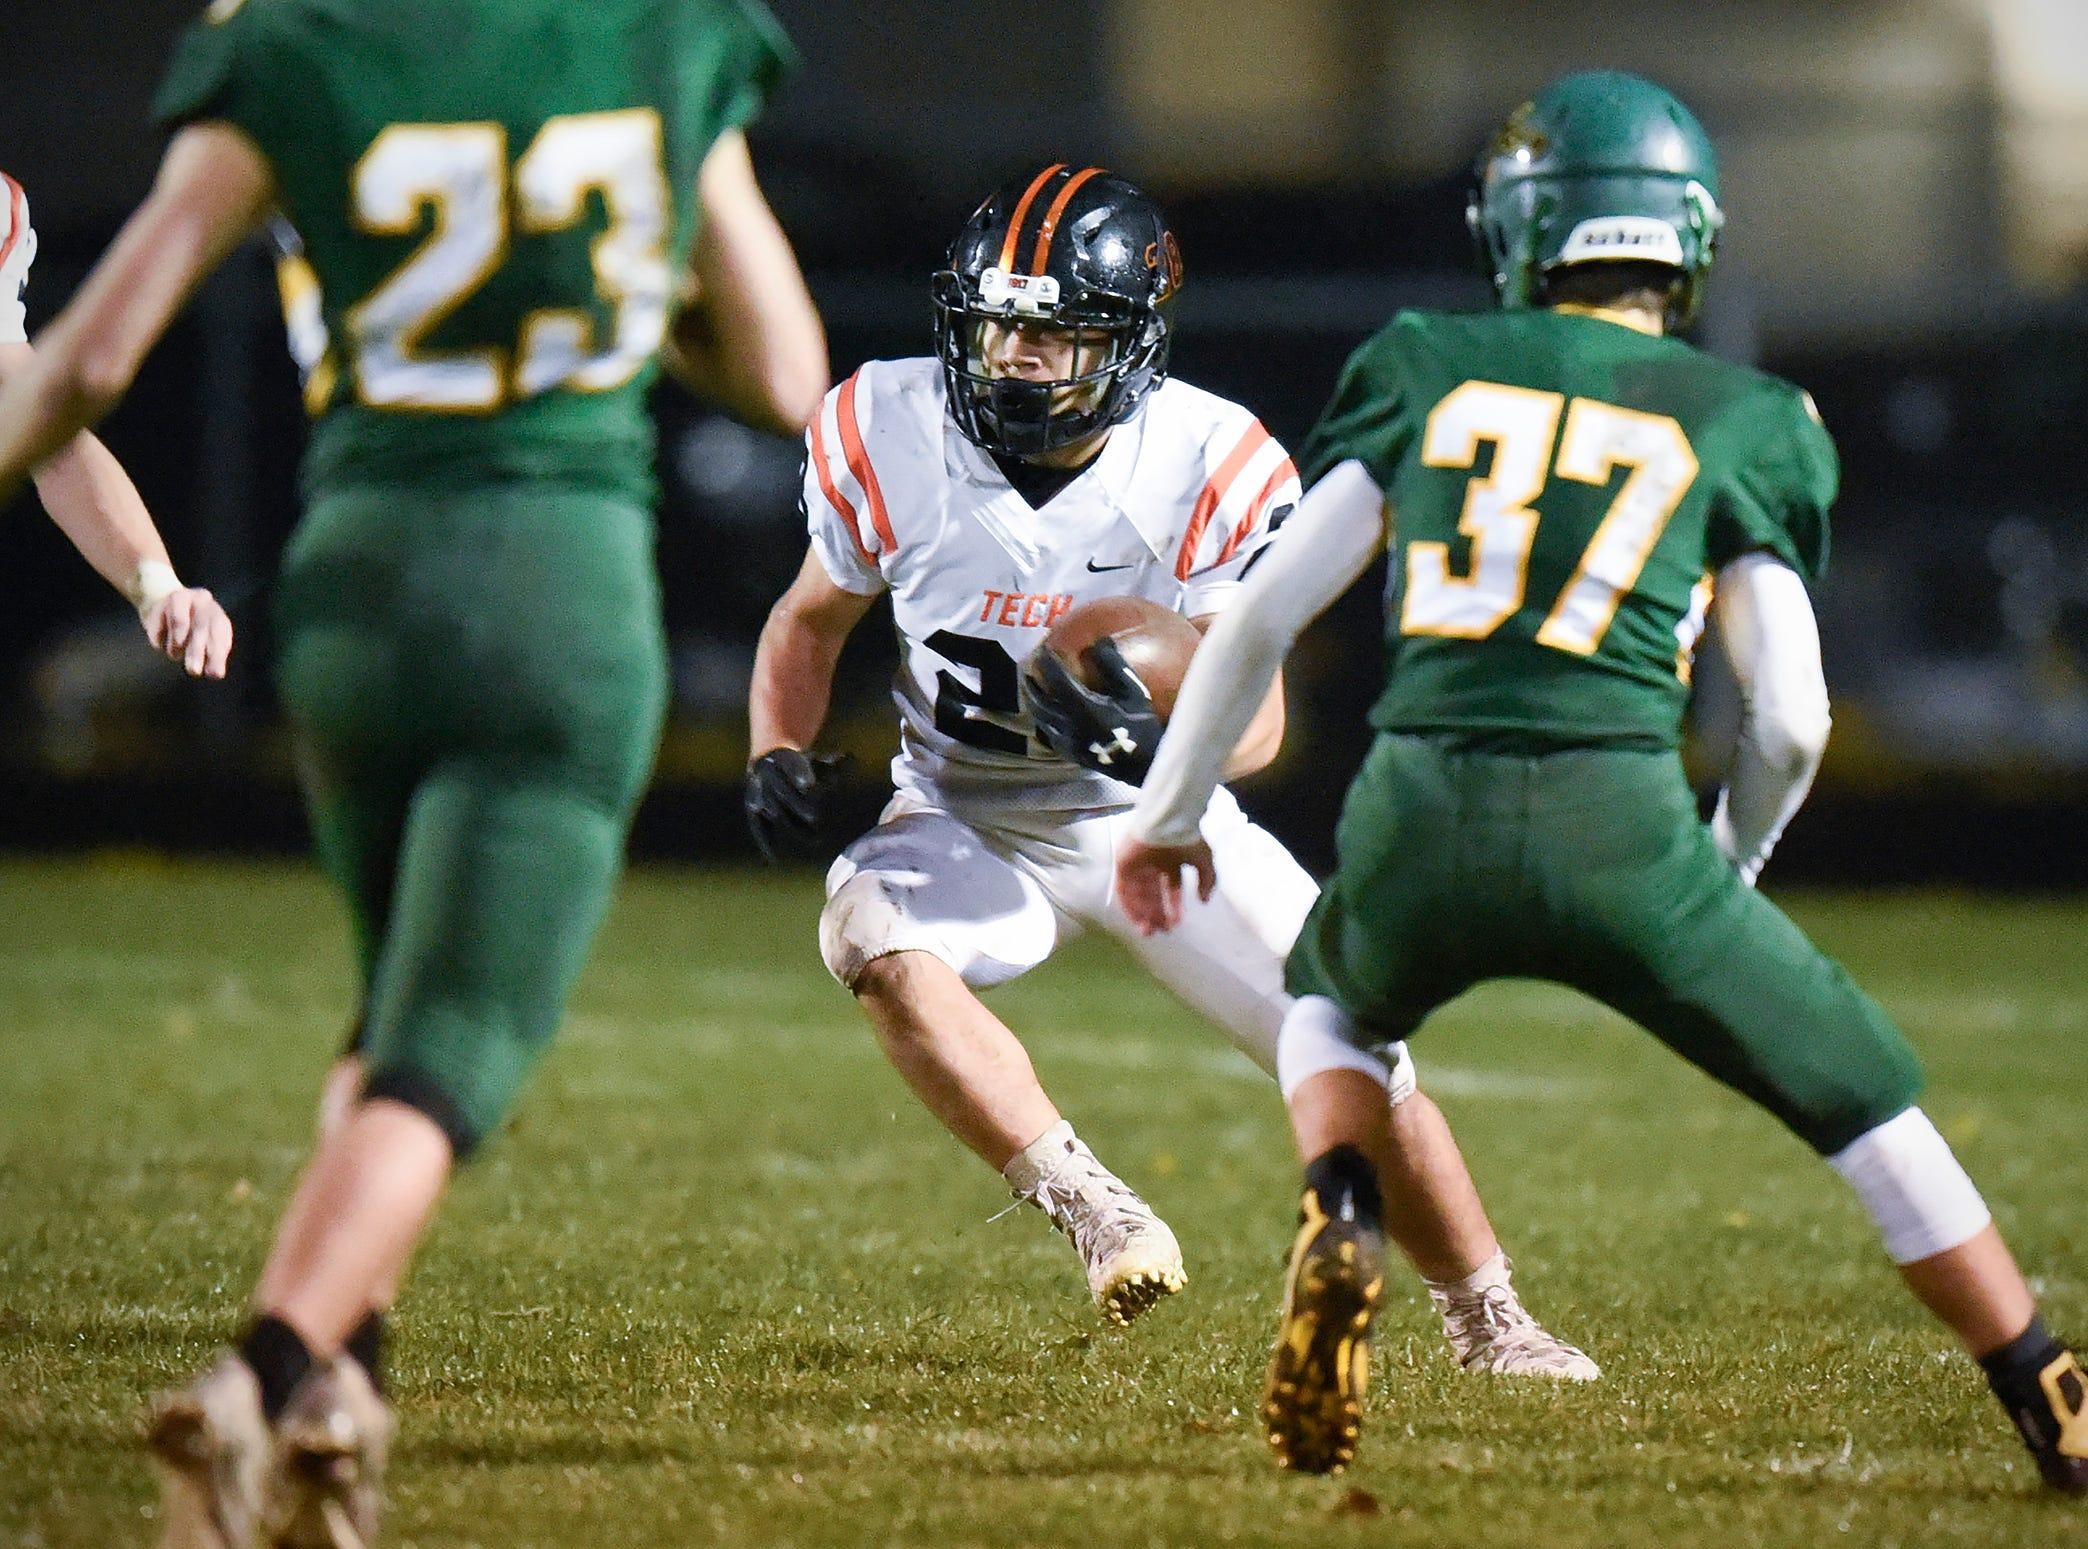 Tech running back Aaron Bennett carries the ball against Sauk Rapids during the first half Friday, Oct. 5, in Sauk Rapids.